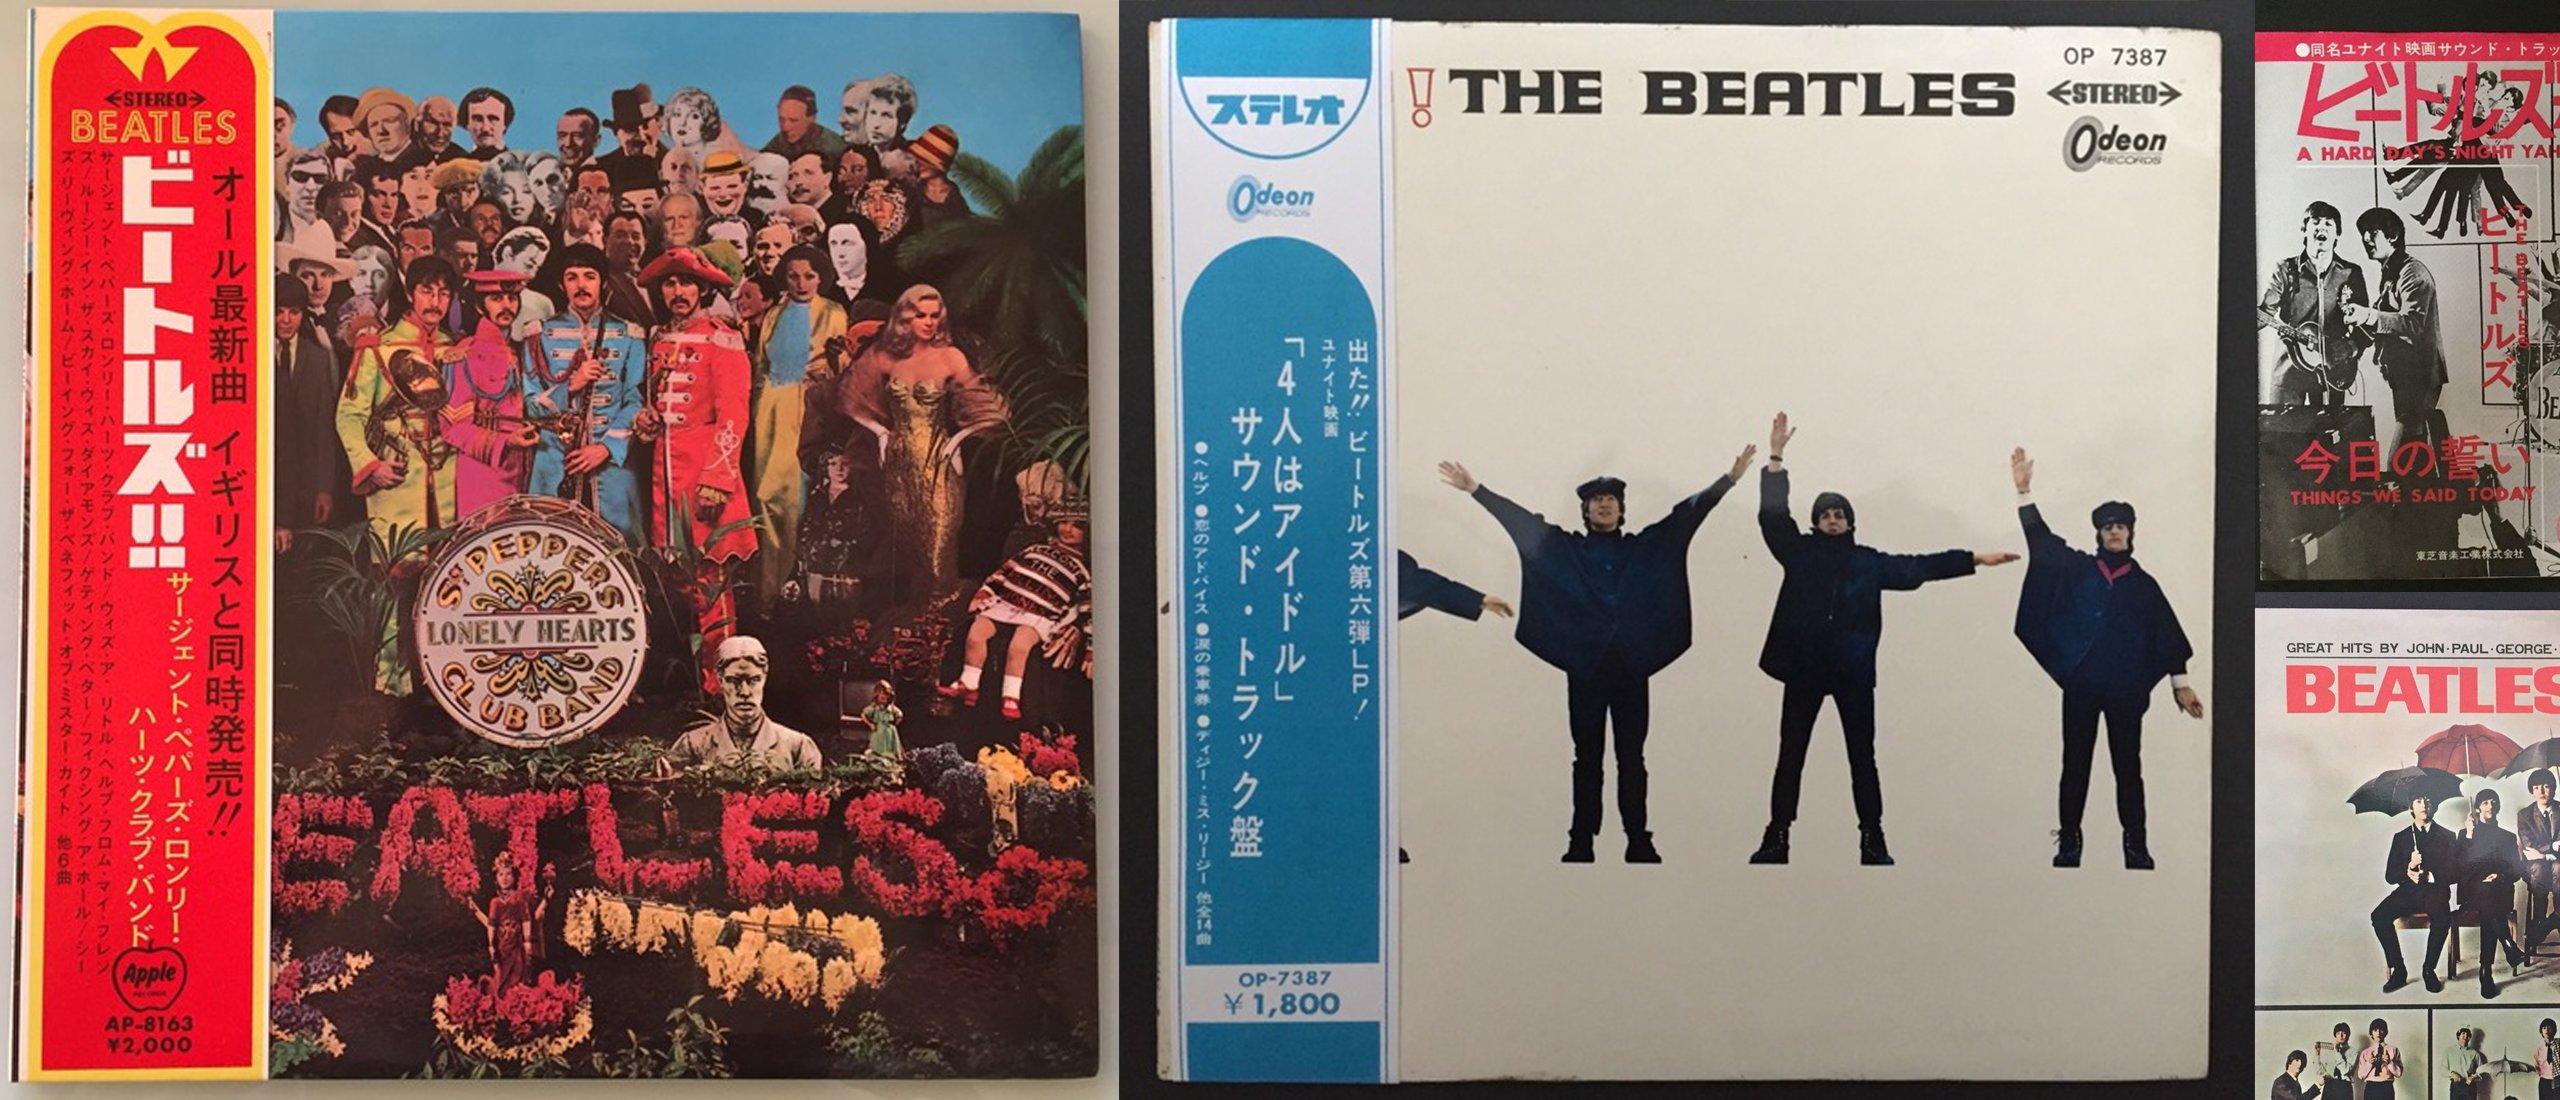 図鑑:日本・オデオン盤のビートルズ・レコード